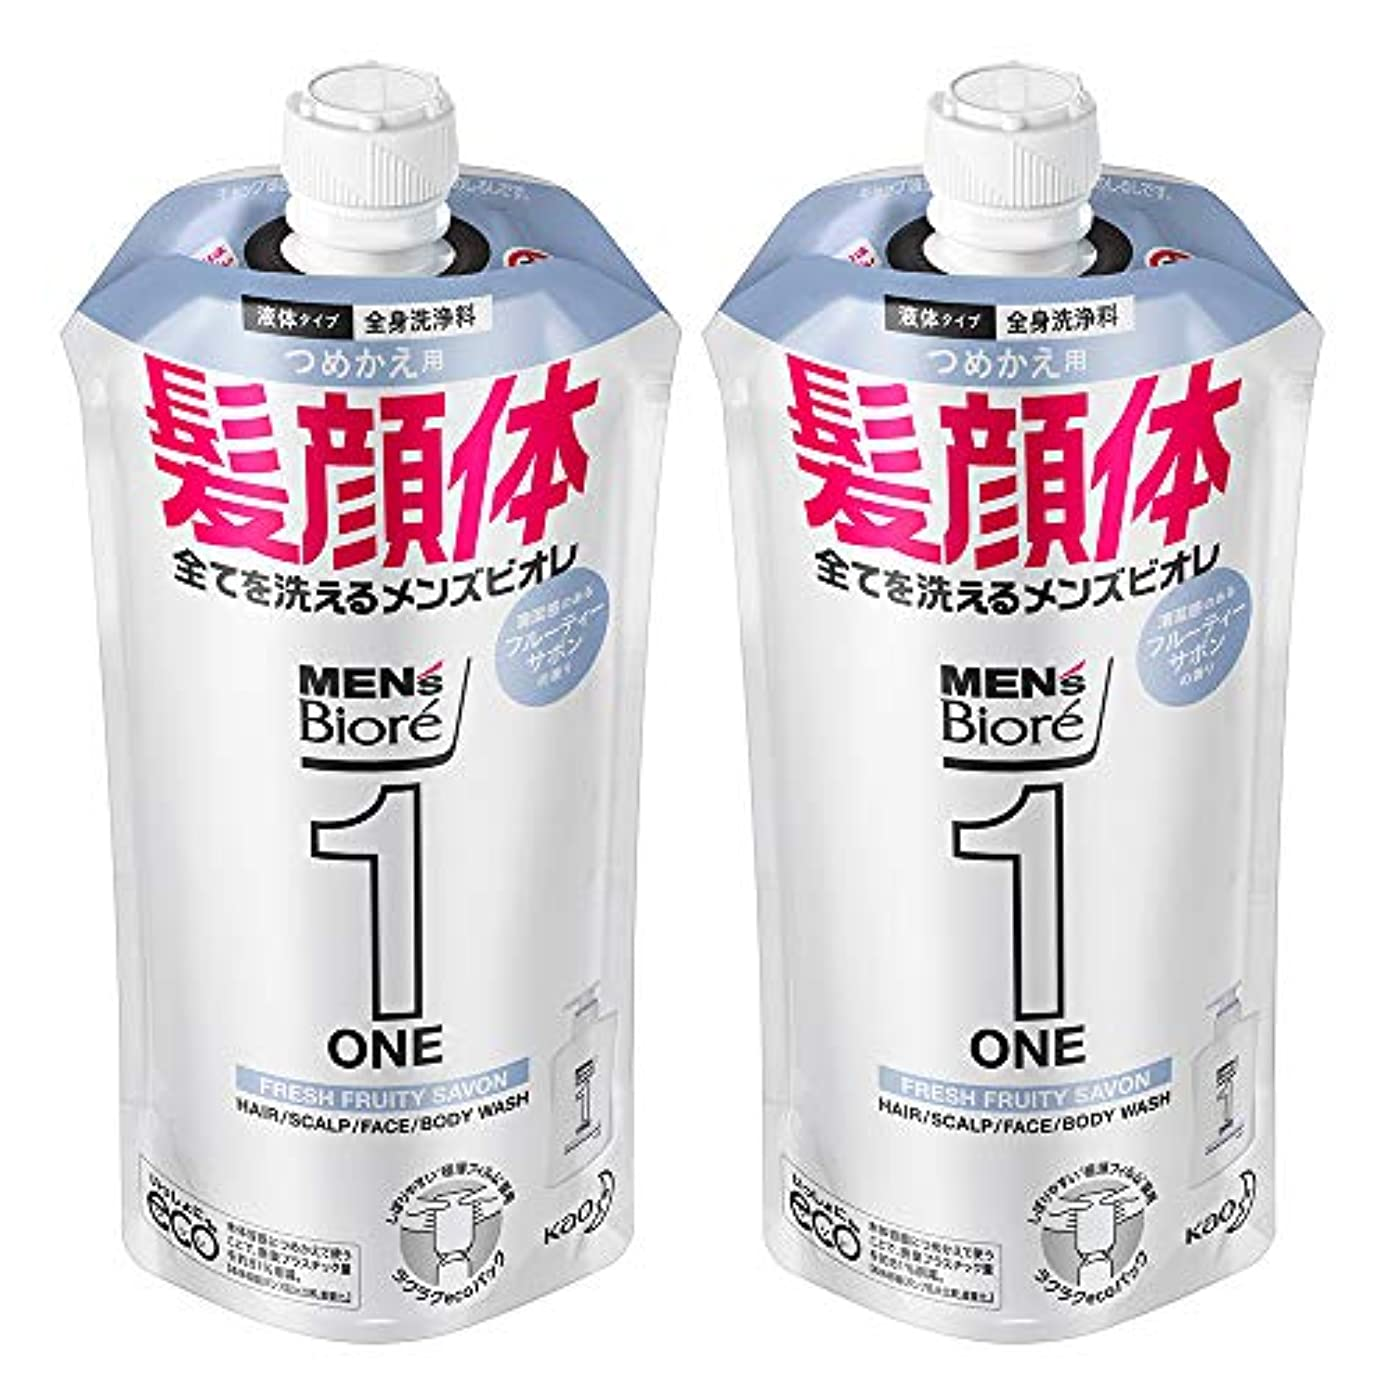 移行する住人パース【まとめ買い】メンズビオレ ONE オールインワン全身洗浄料 フルーティーサボンの香り つめかえ用 340ml×2個